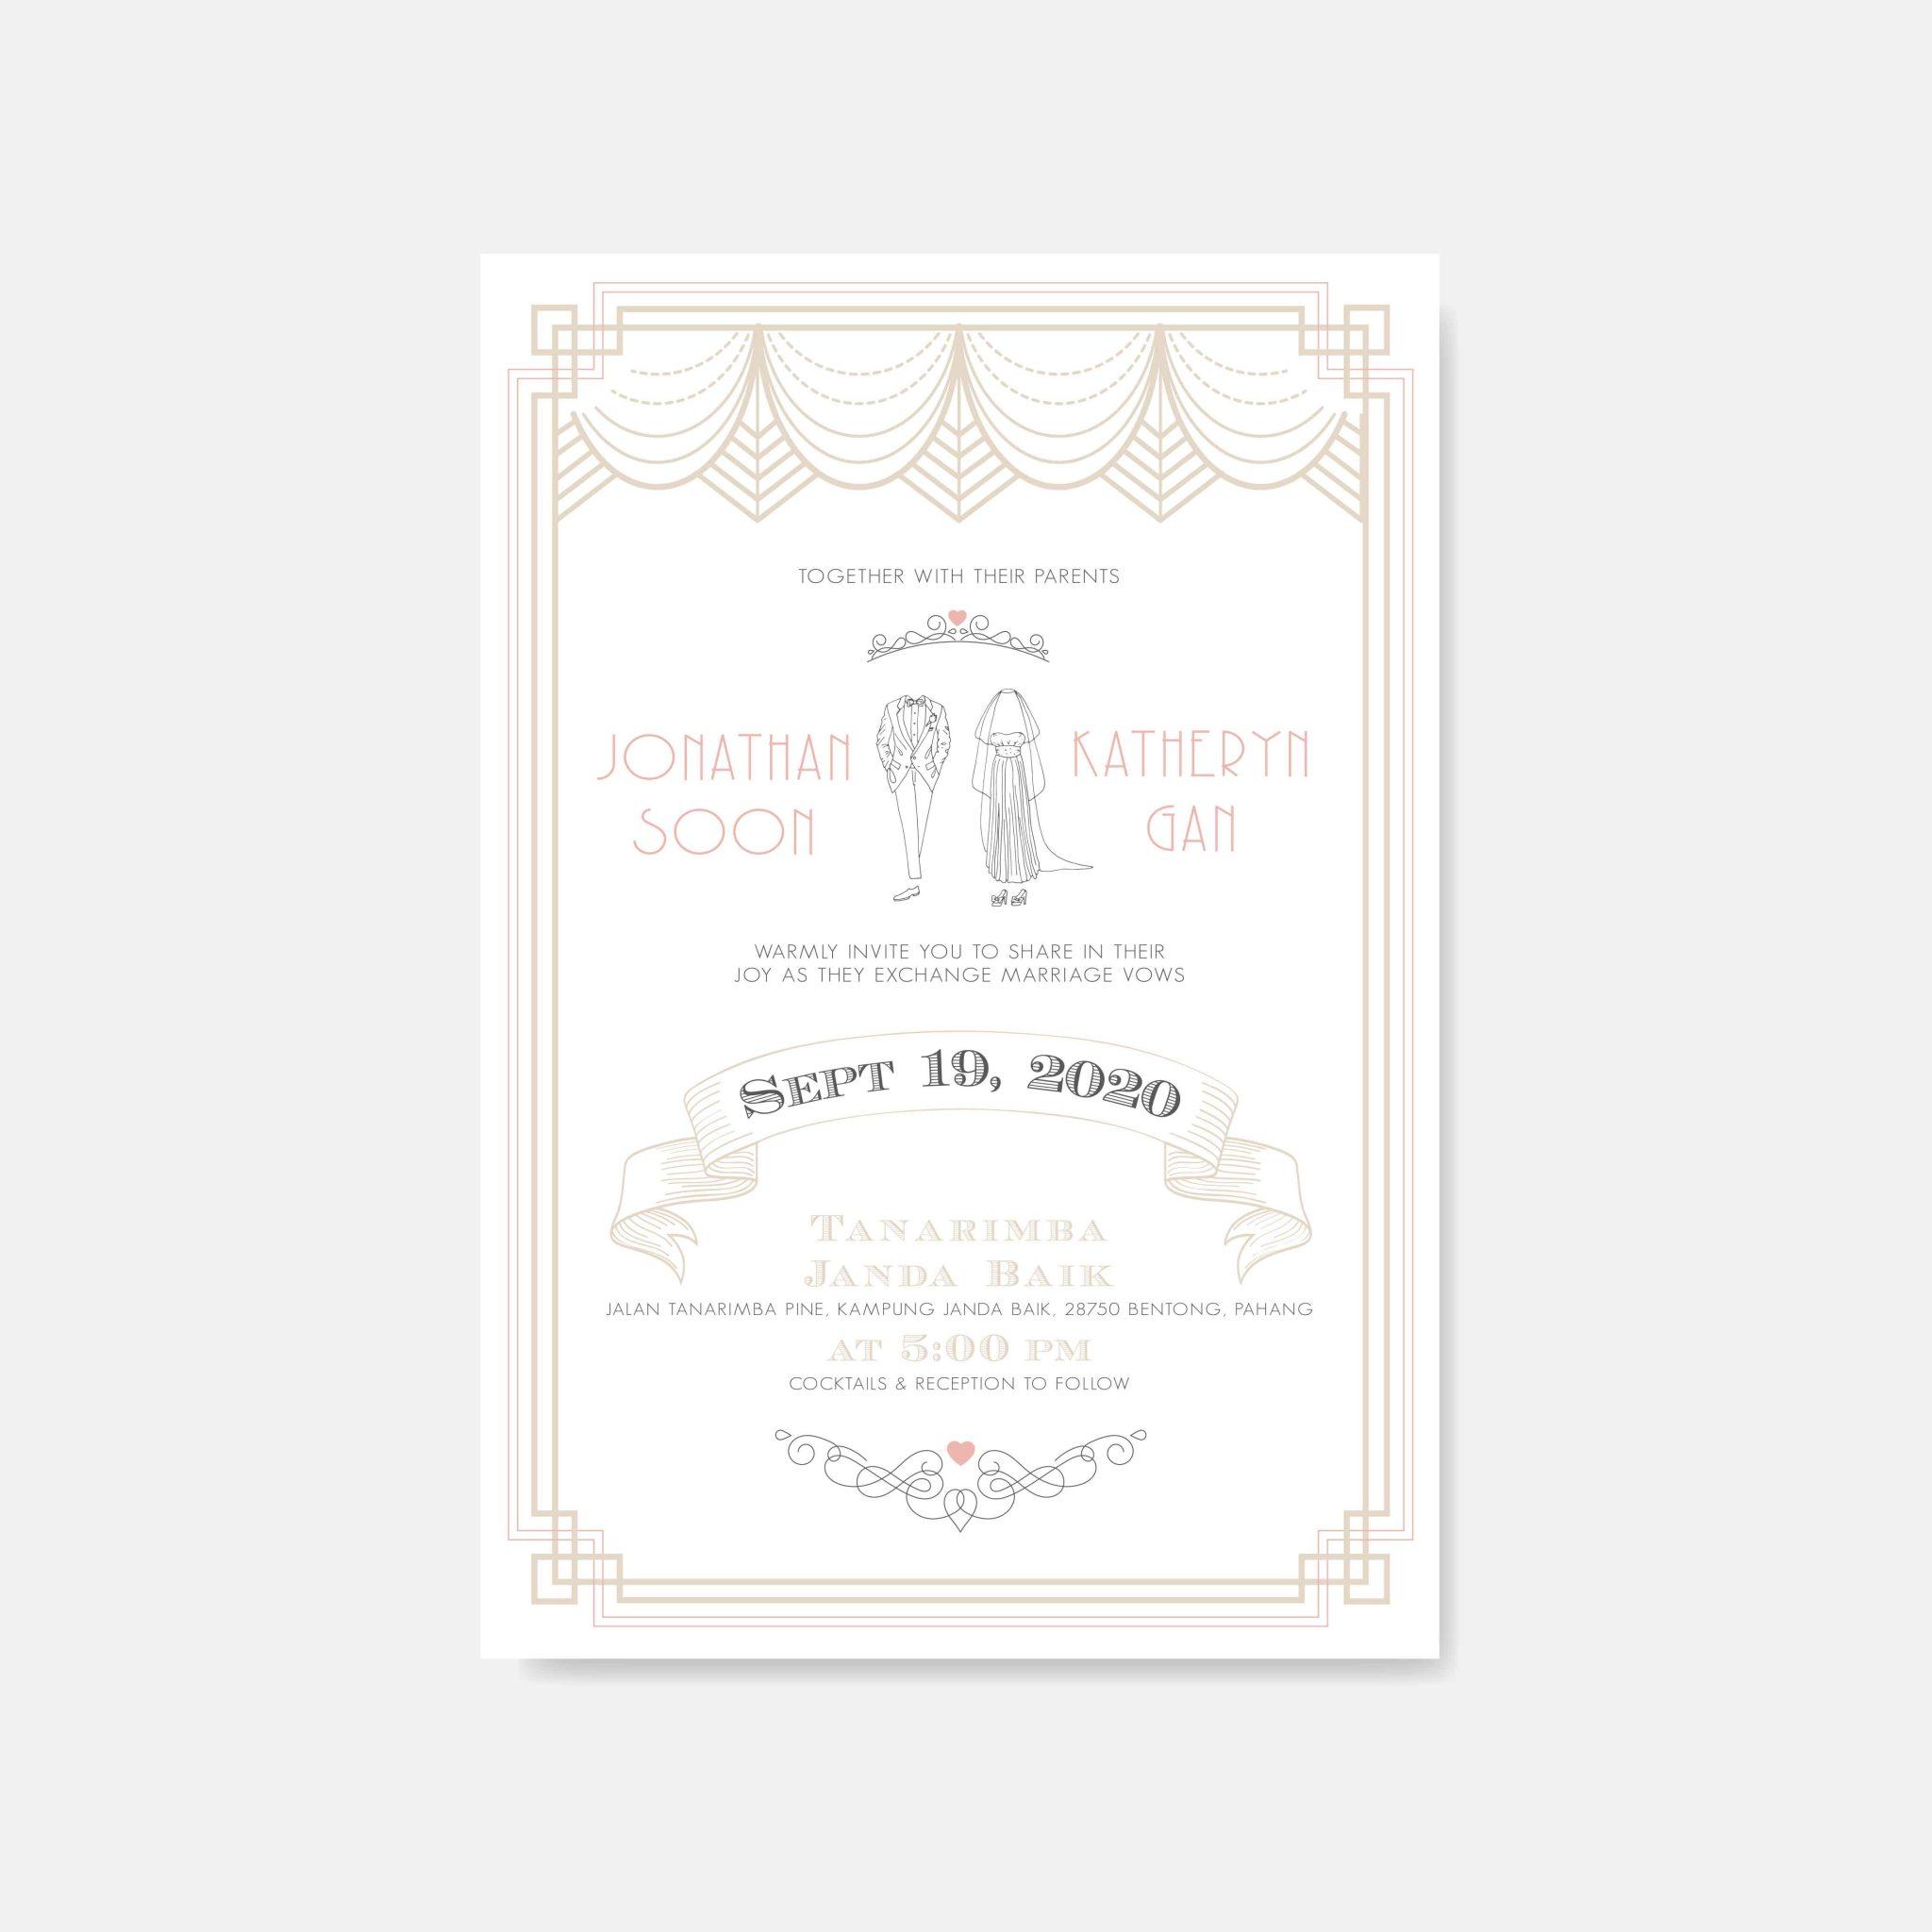 RAISED LETTER WEDDING INVITATION 16